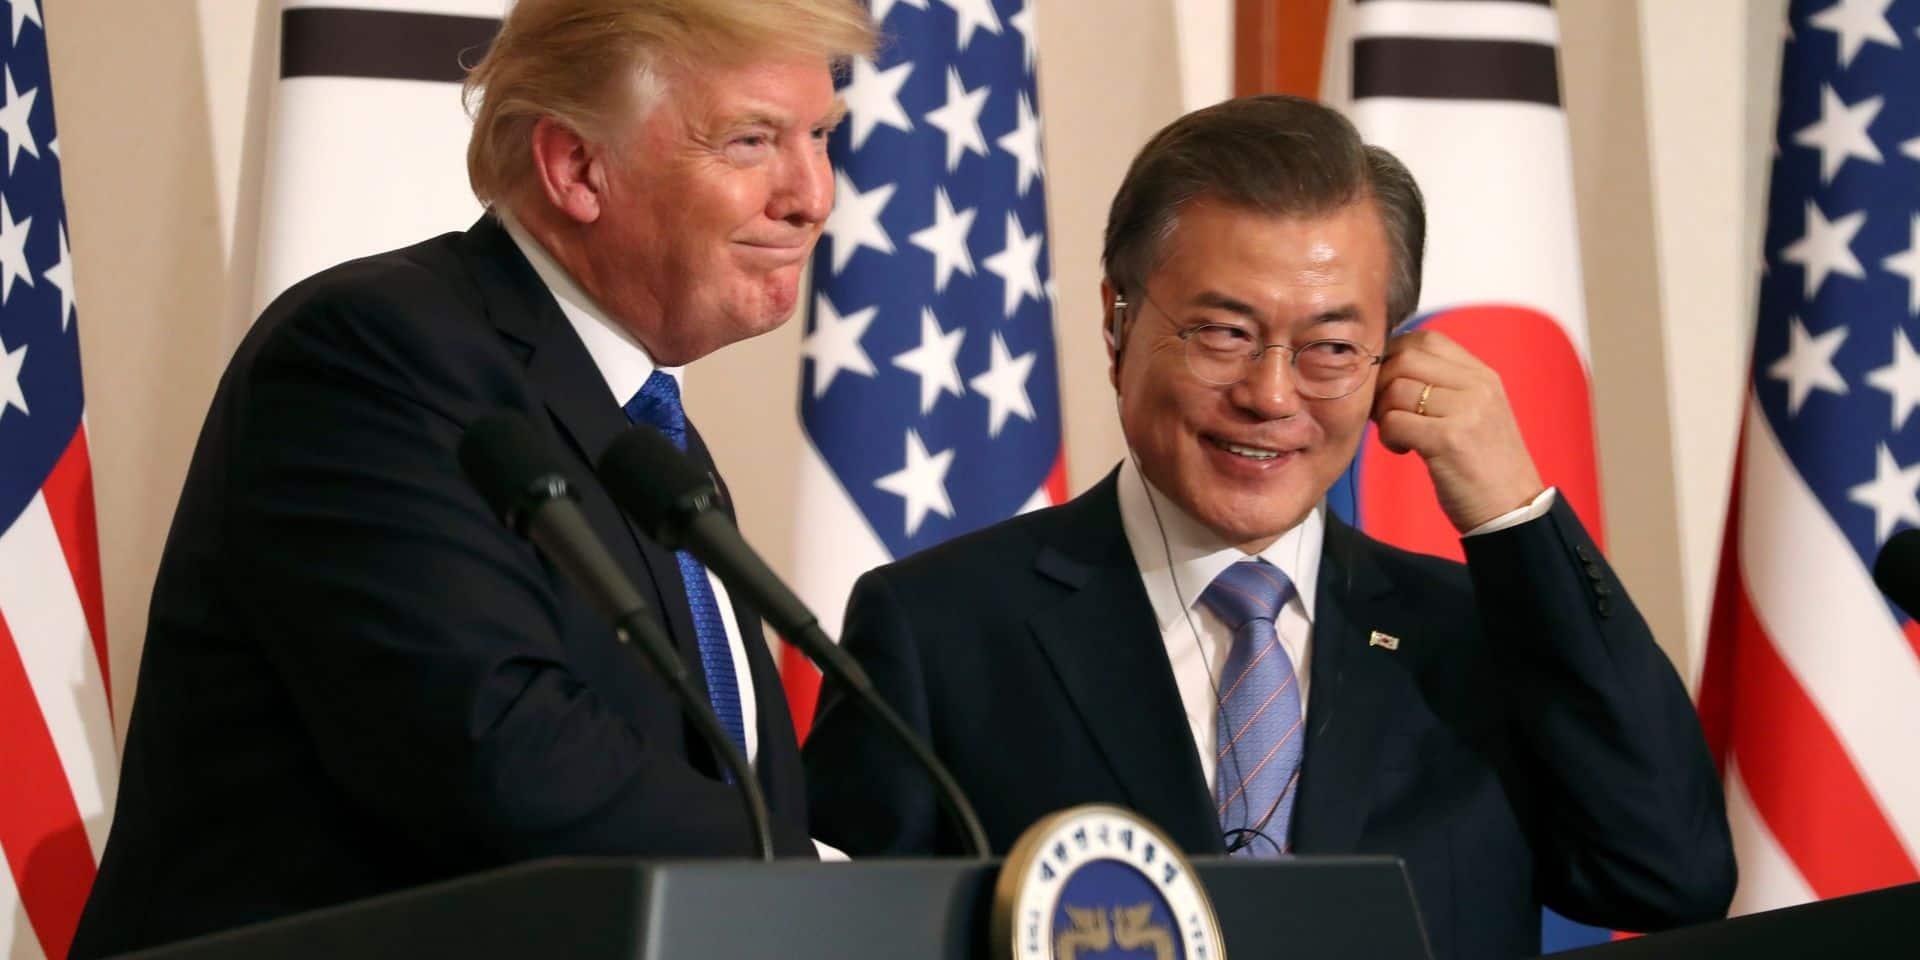 Trump reçoit Moon, le sommet avec Kim Jong Un en question